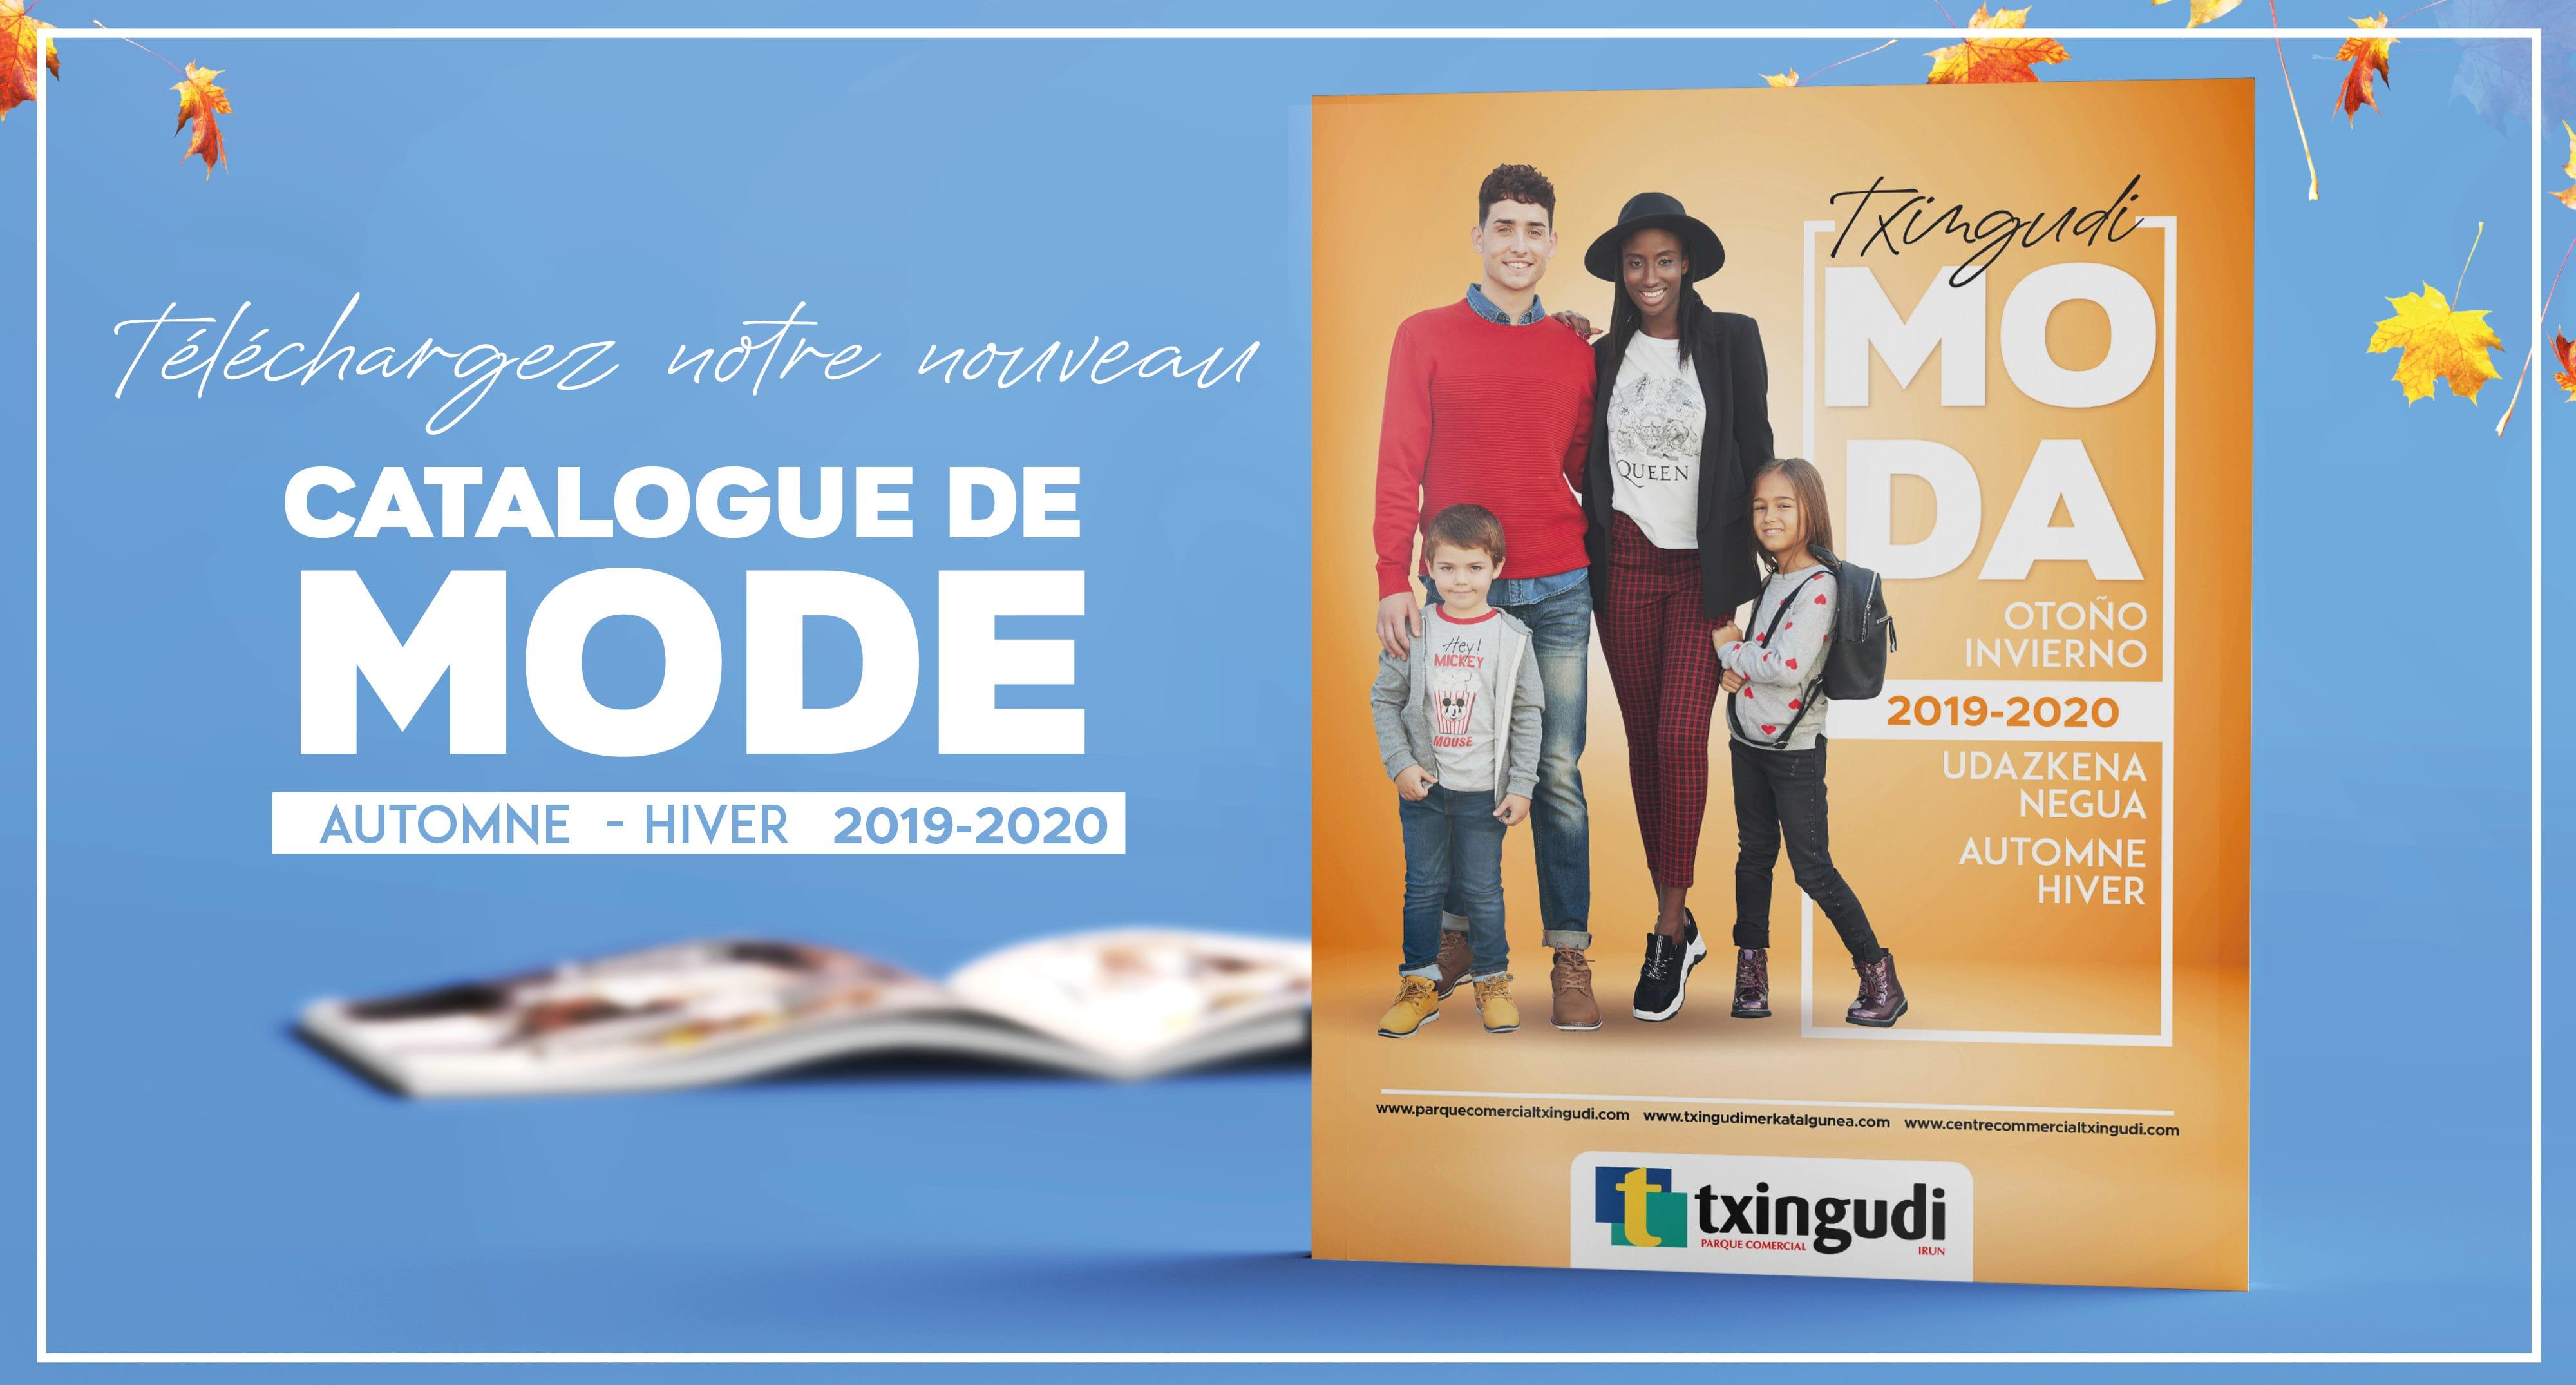 Vous pouvez consulter maintenant le catalogue de mode automne-hiver 2019/20 du centre commercial Txingudi !